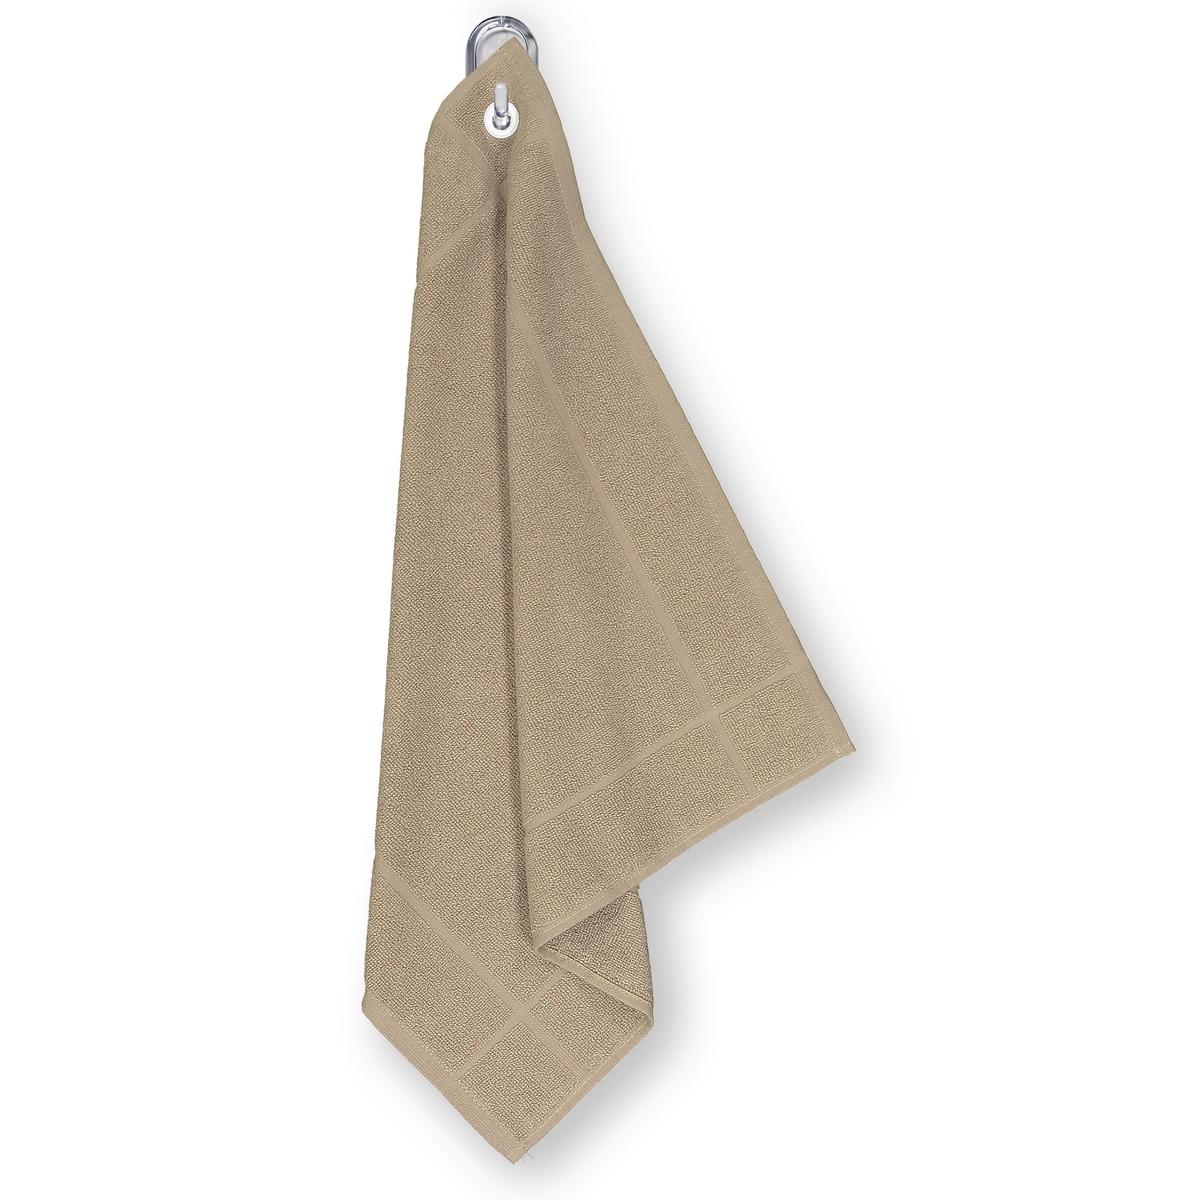 Полотенце для рук из махровой ткани 100% хлопок с люверсом полотенца dome полотенце для рук ribbed цвет серо голубой 40х70 см 10 шт